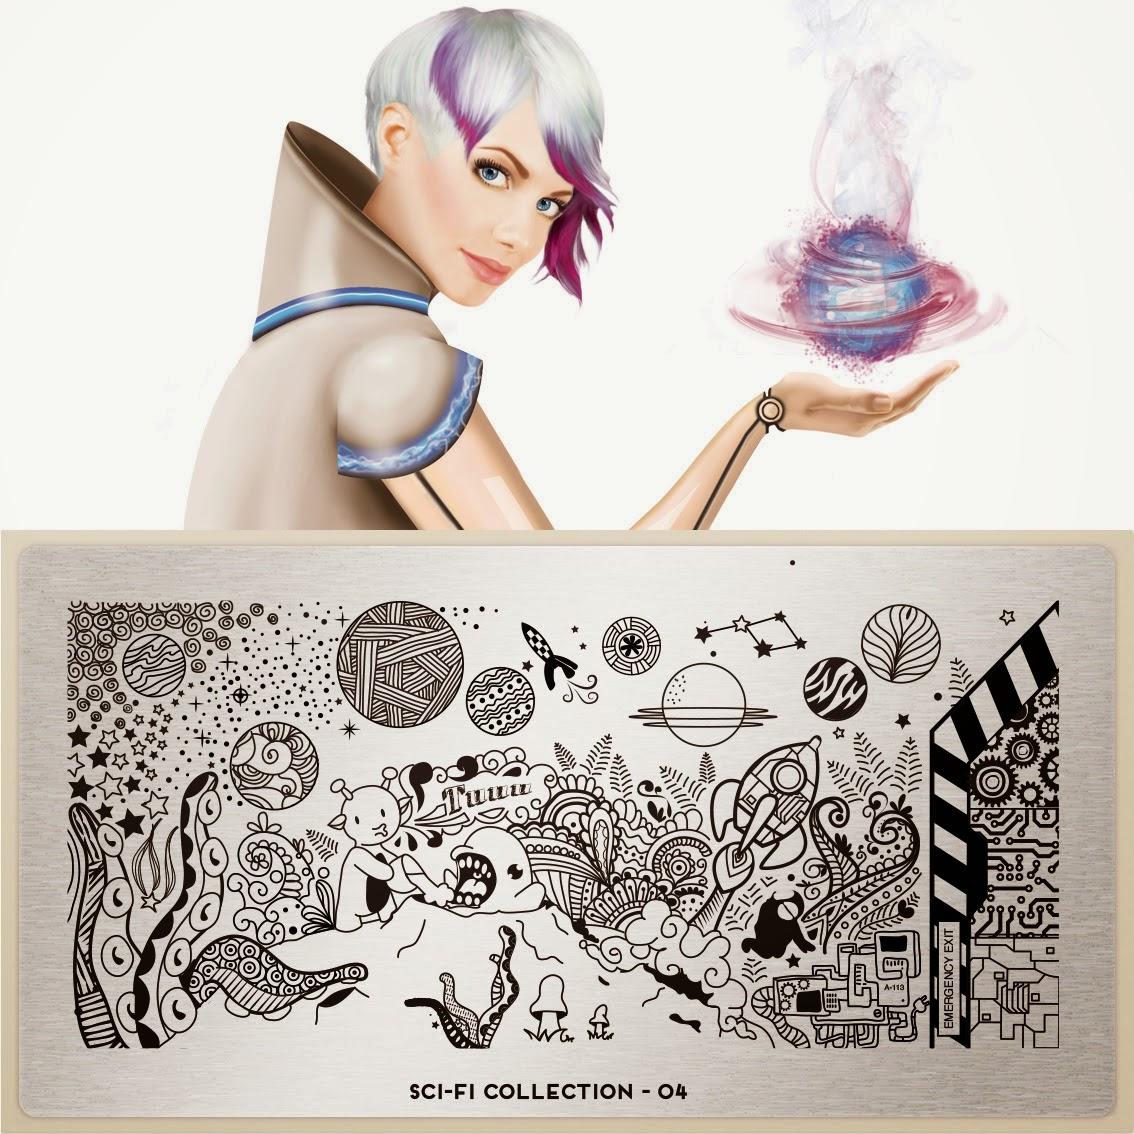 Lacquer Lockdown - MoYou London Sci-Fi Collection, MoYou London, stamping, nail art, new image plates 2014, new stamping plates 2014, new nail art plates 2014, alien nail art, aliens, tentacles, space nials, the matrix nails, diy nail art, cute nail art ideas, esay nail art